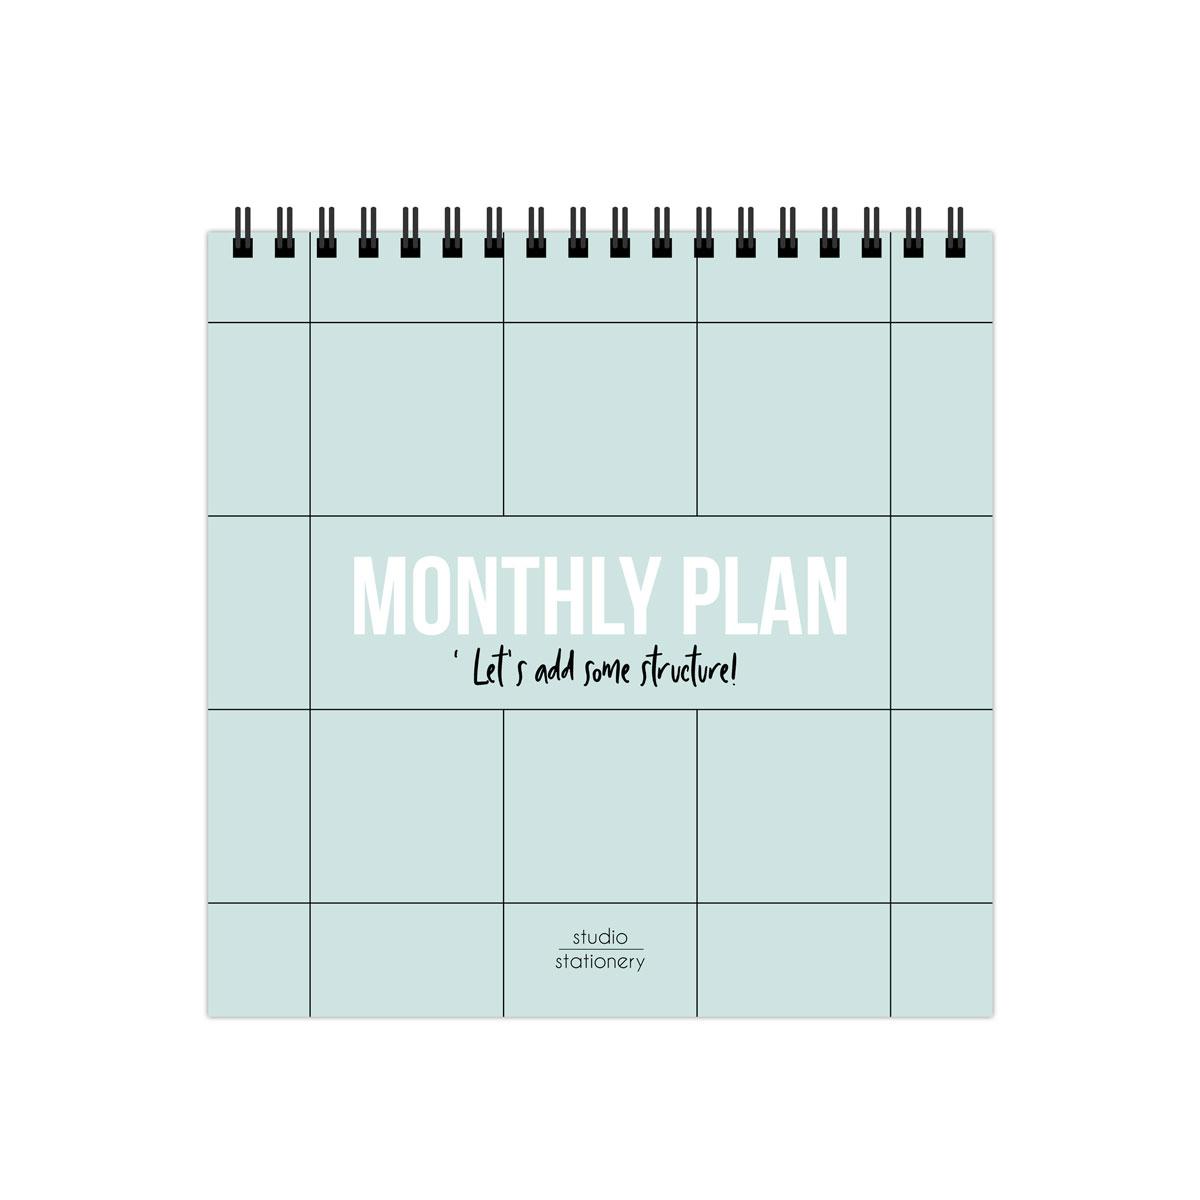 Studio Stationery Planificador Mensual de escritorio  Likely.es